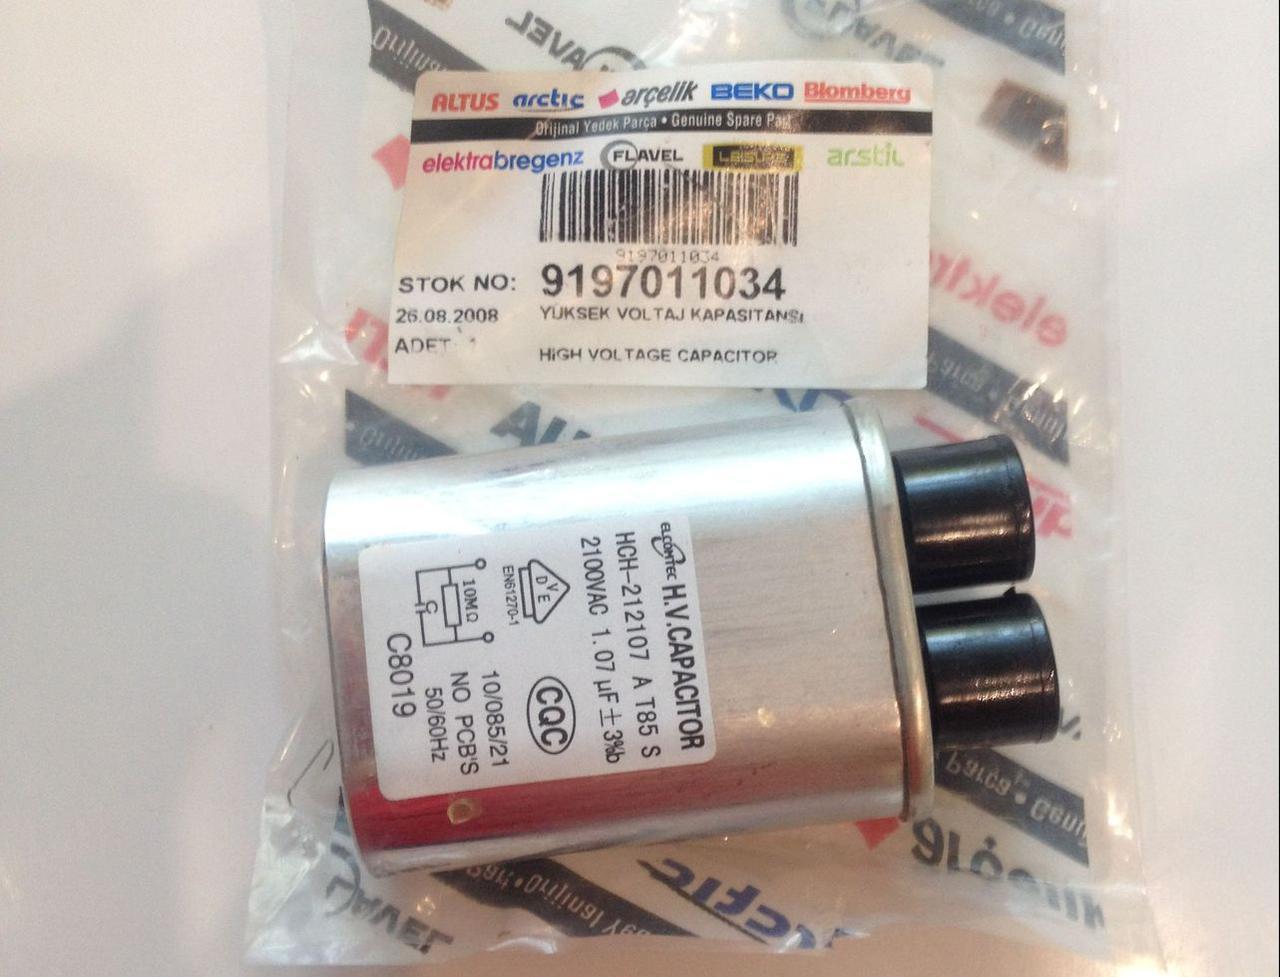 Конденсатор для микроволновых печей (СВЧ) 1.07mF / 50/60Hz / 2100VAC - 9197011034